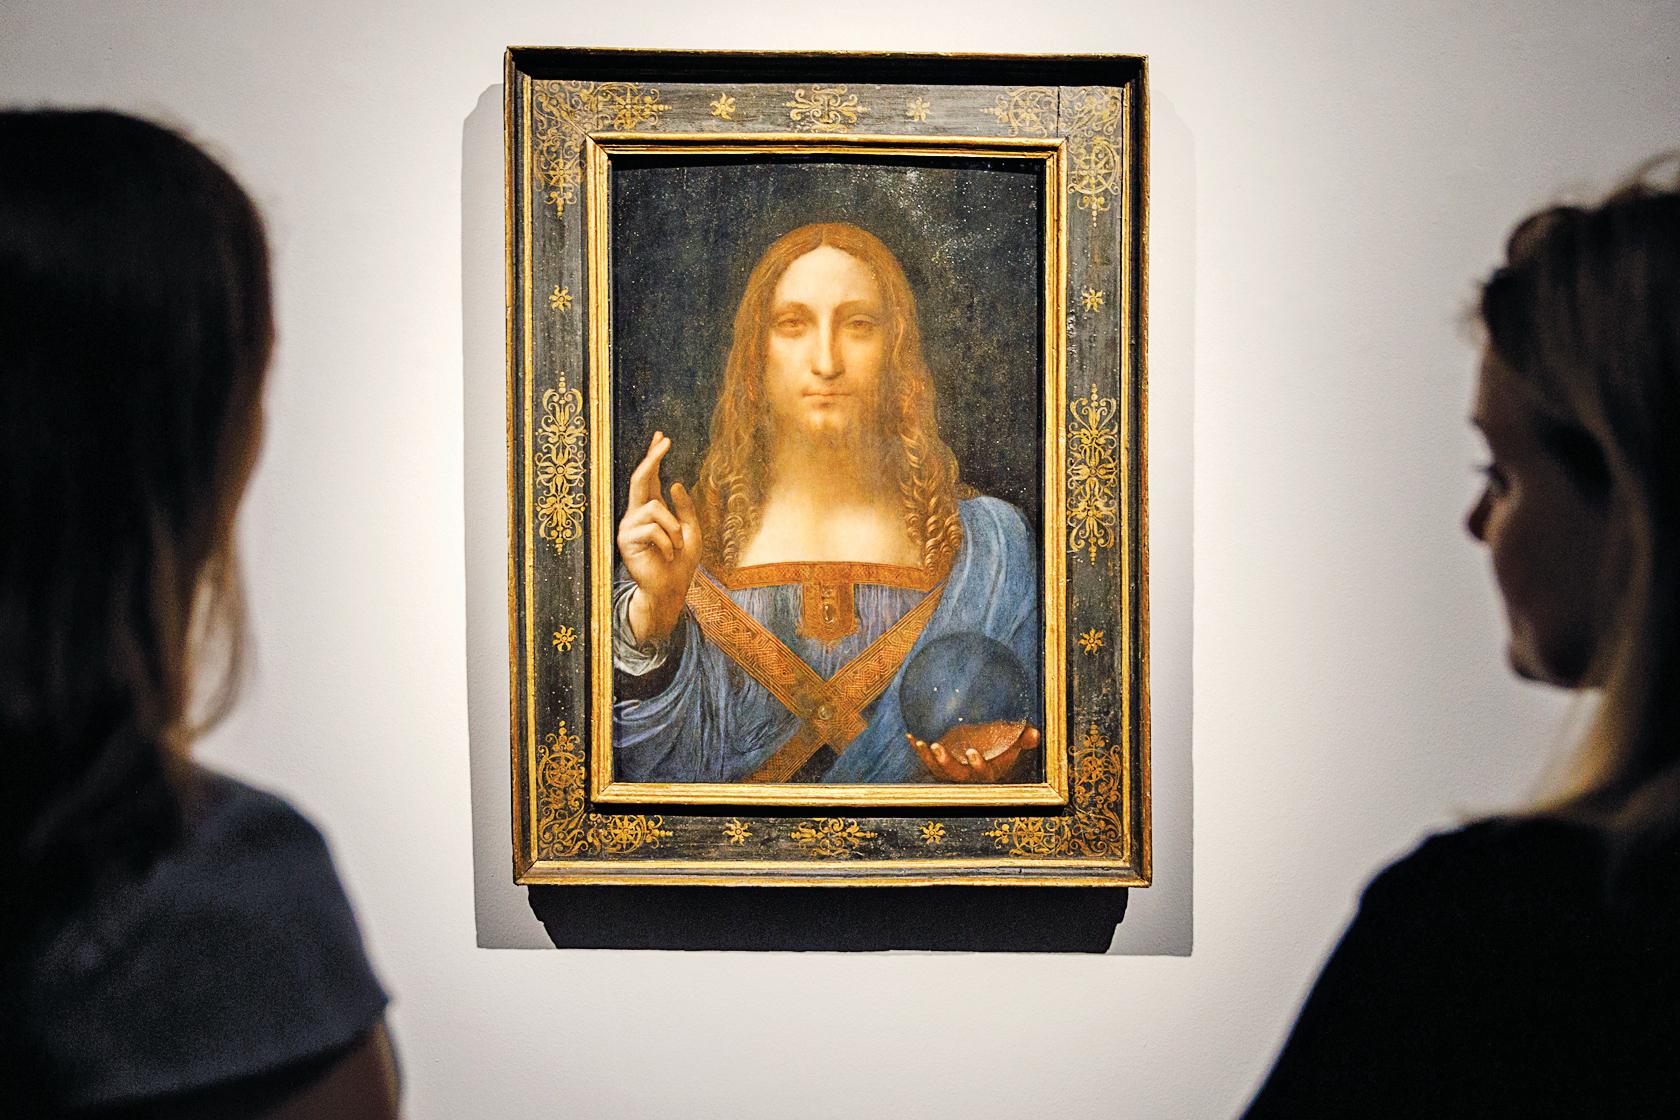 2017年11月15日紐約佳士得拍賣之前,達文西的《救世主》在倫敦市中心佳士得拍賣行進行預展。(AFP)